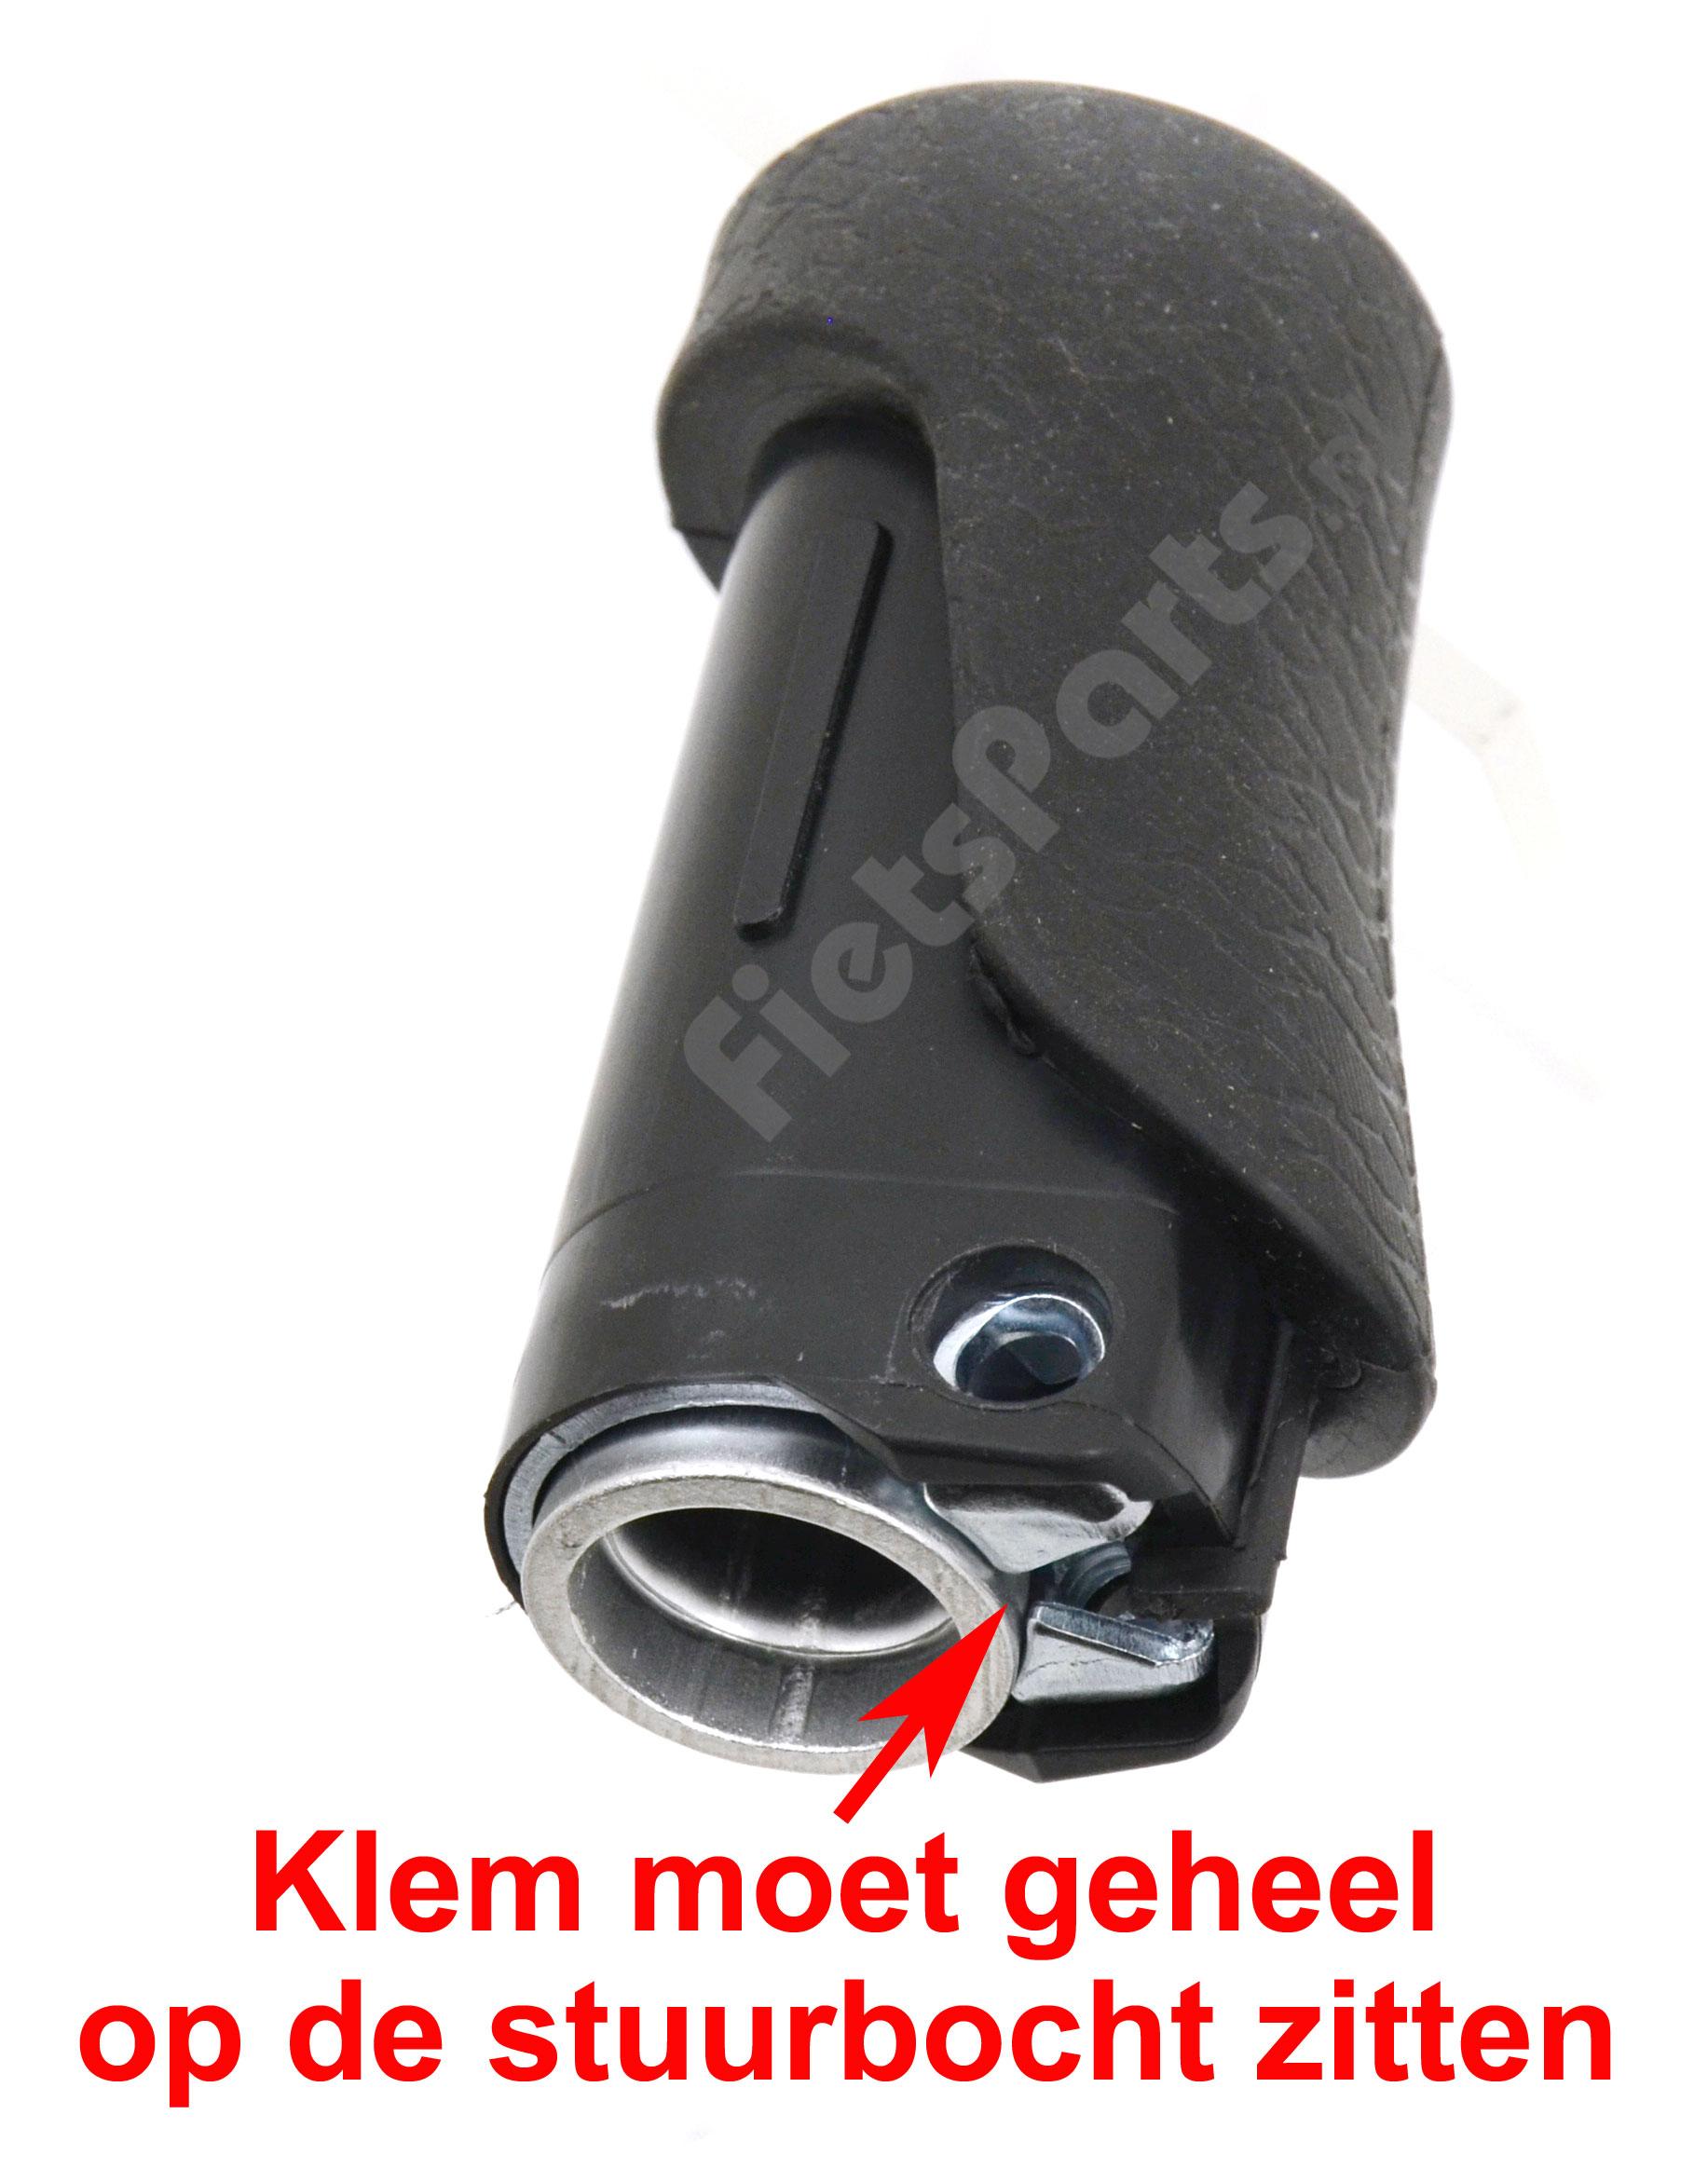 Gazelle handvaten bevestiging's klem moet geheel op het stuur zitten.